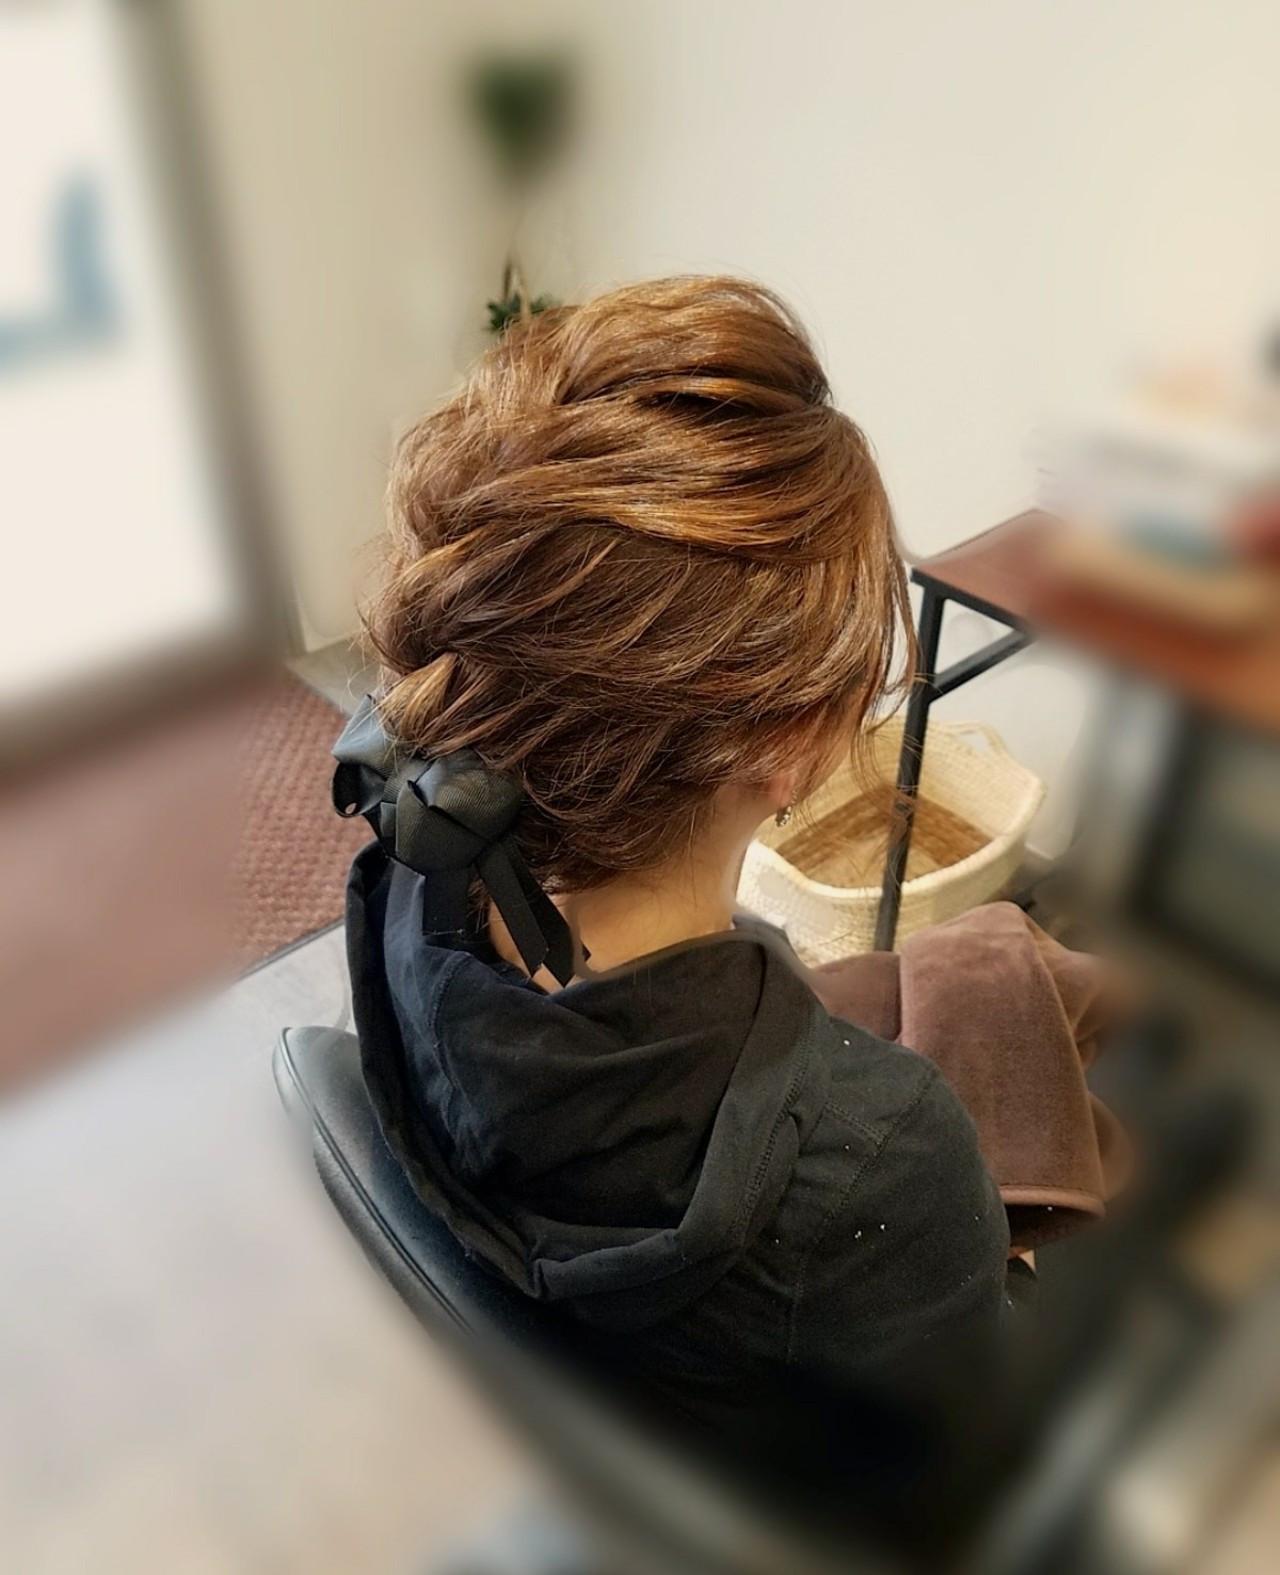 ヘアアレンジ フェミニン 編み込み アップスタイル ヘアスタイルや髪型の写真・画像